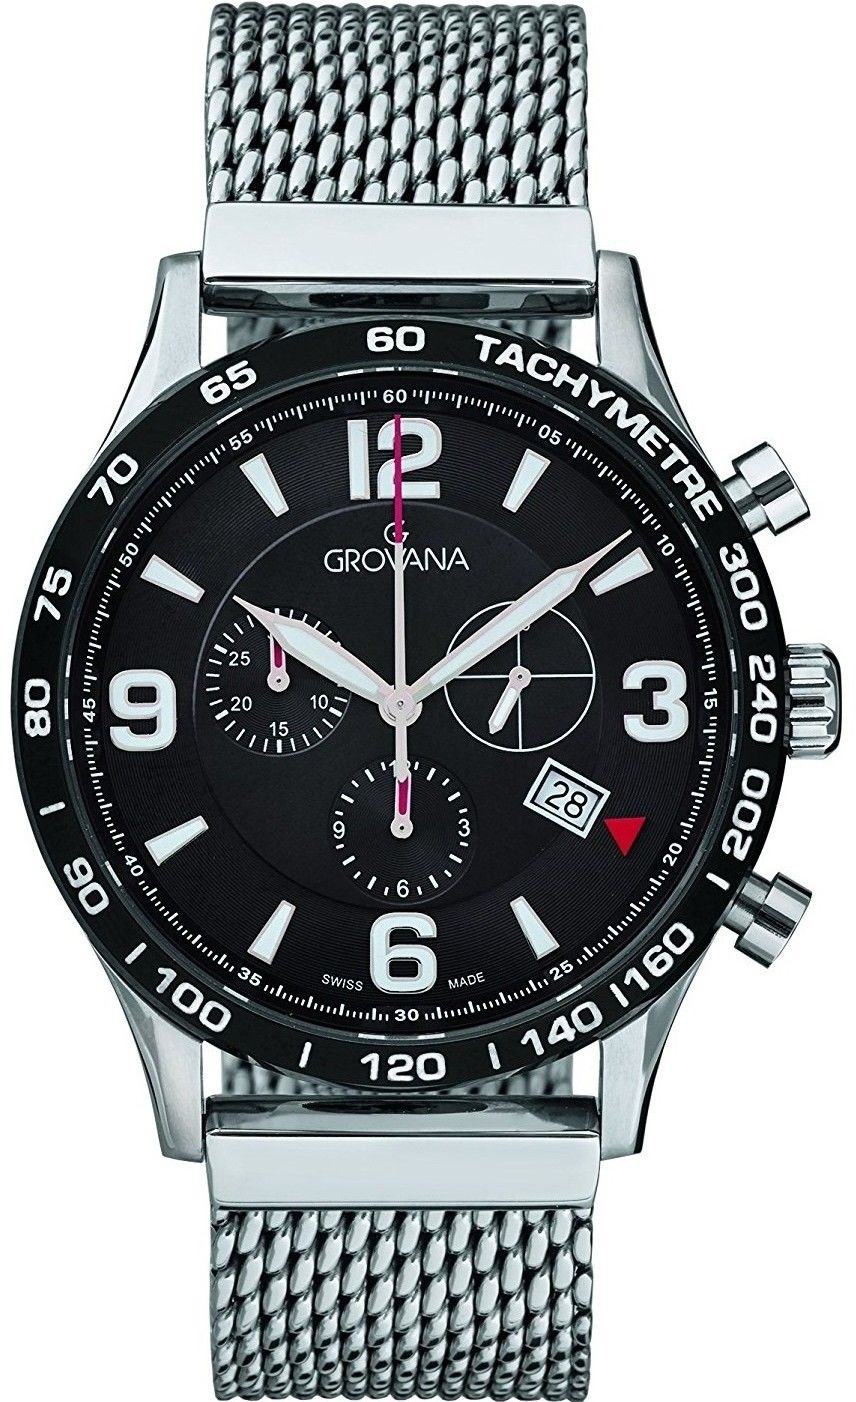 Zegarek Grovana 1745.9137 - CENA DO NEGOCJACJI - DOSTAWA DHL GRATIS, KUPUJ BEZ RYZYKA - 100 dni na zwrot, możliwość wygrawerowania dowolnego tekstu.